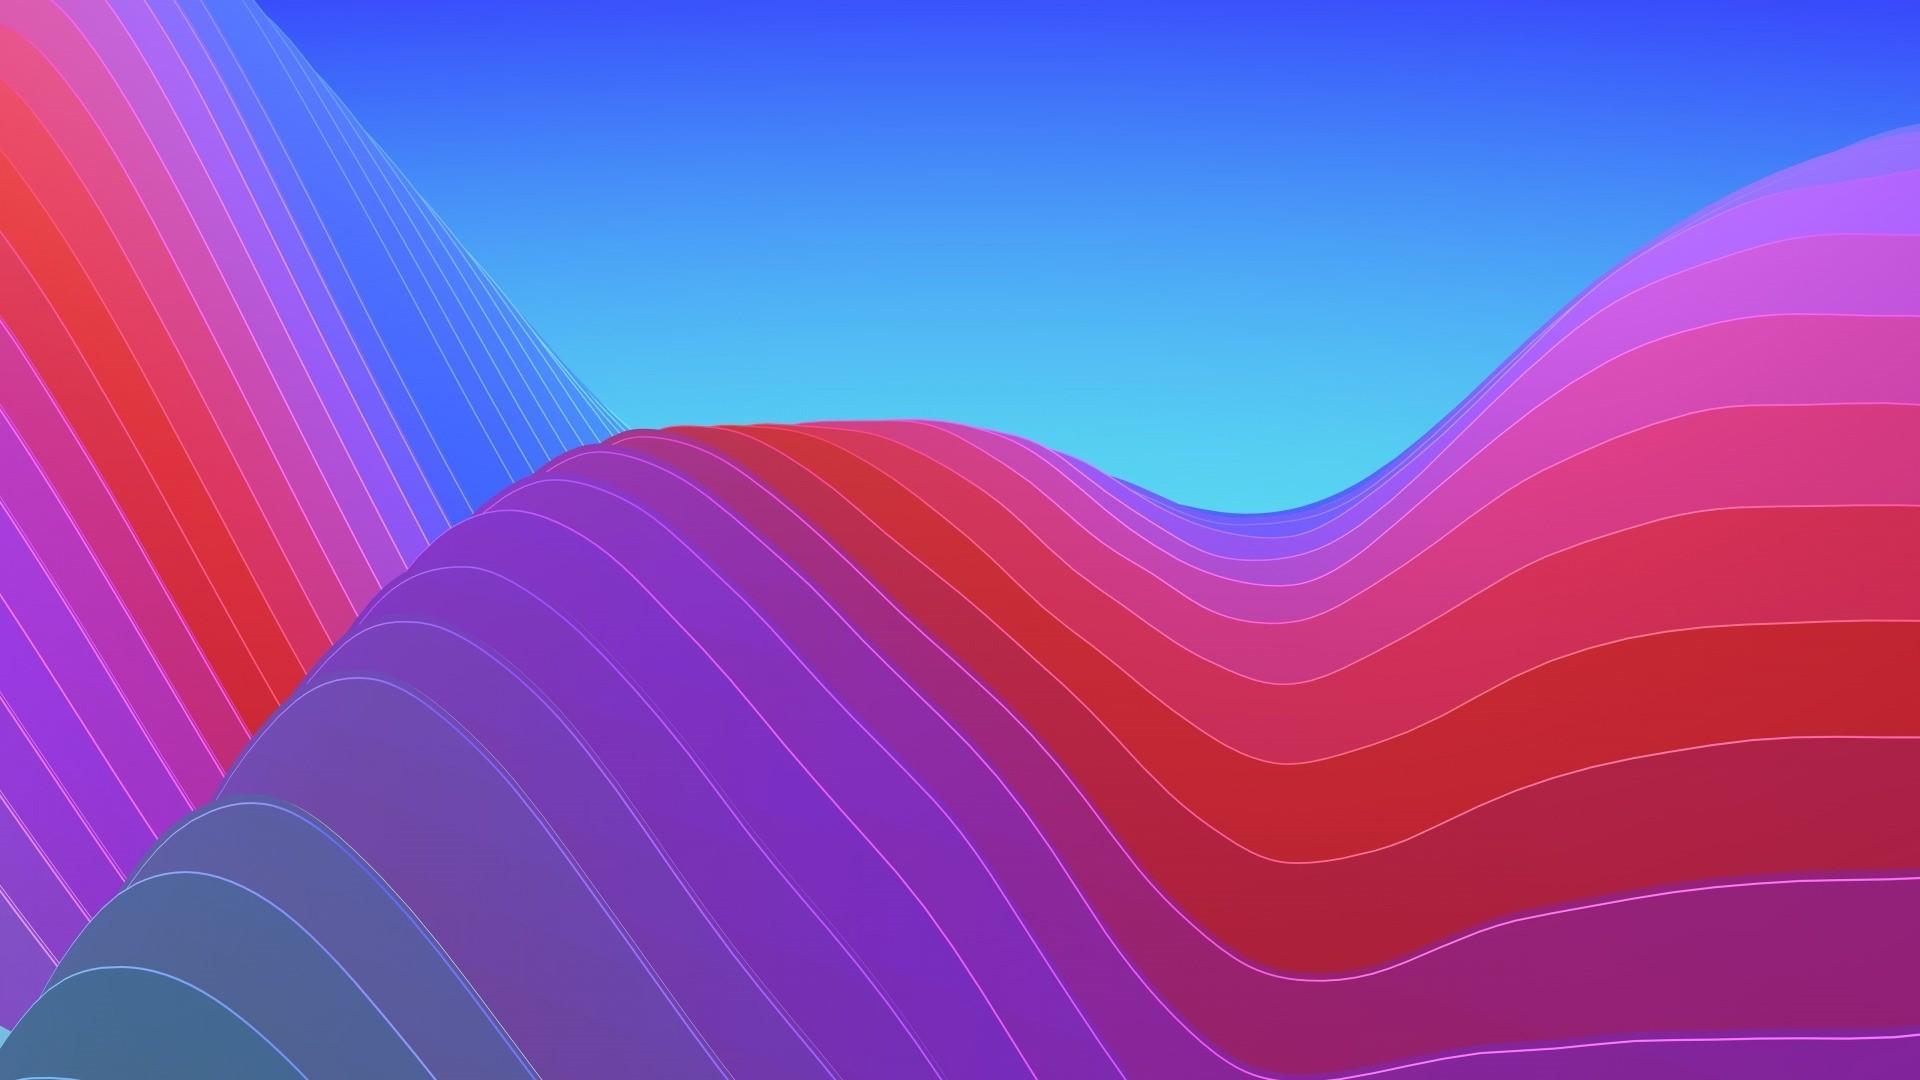 Gradient hd desktop wallpaper